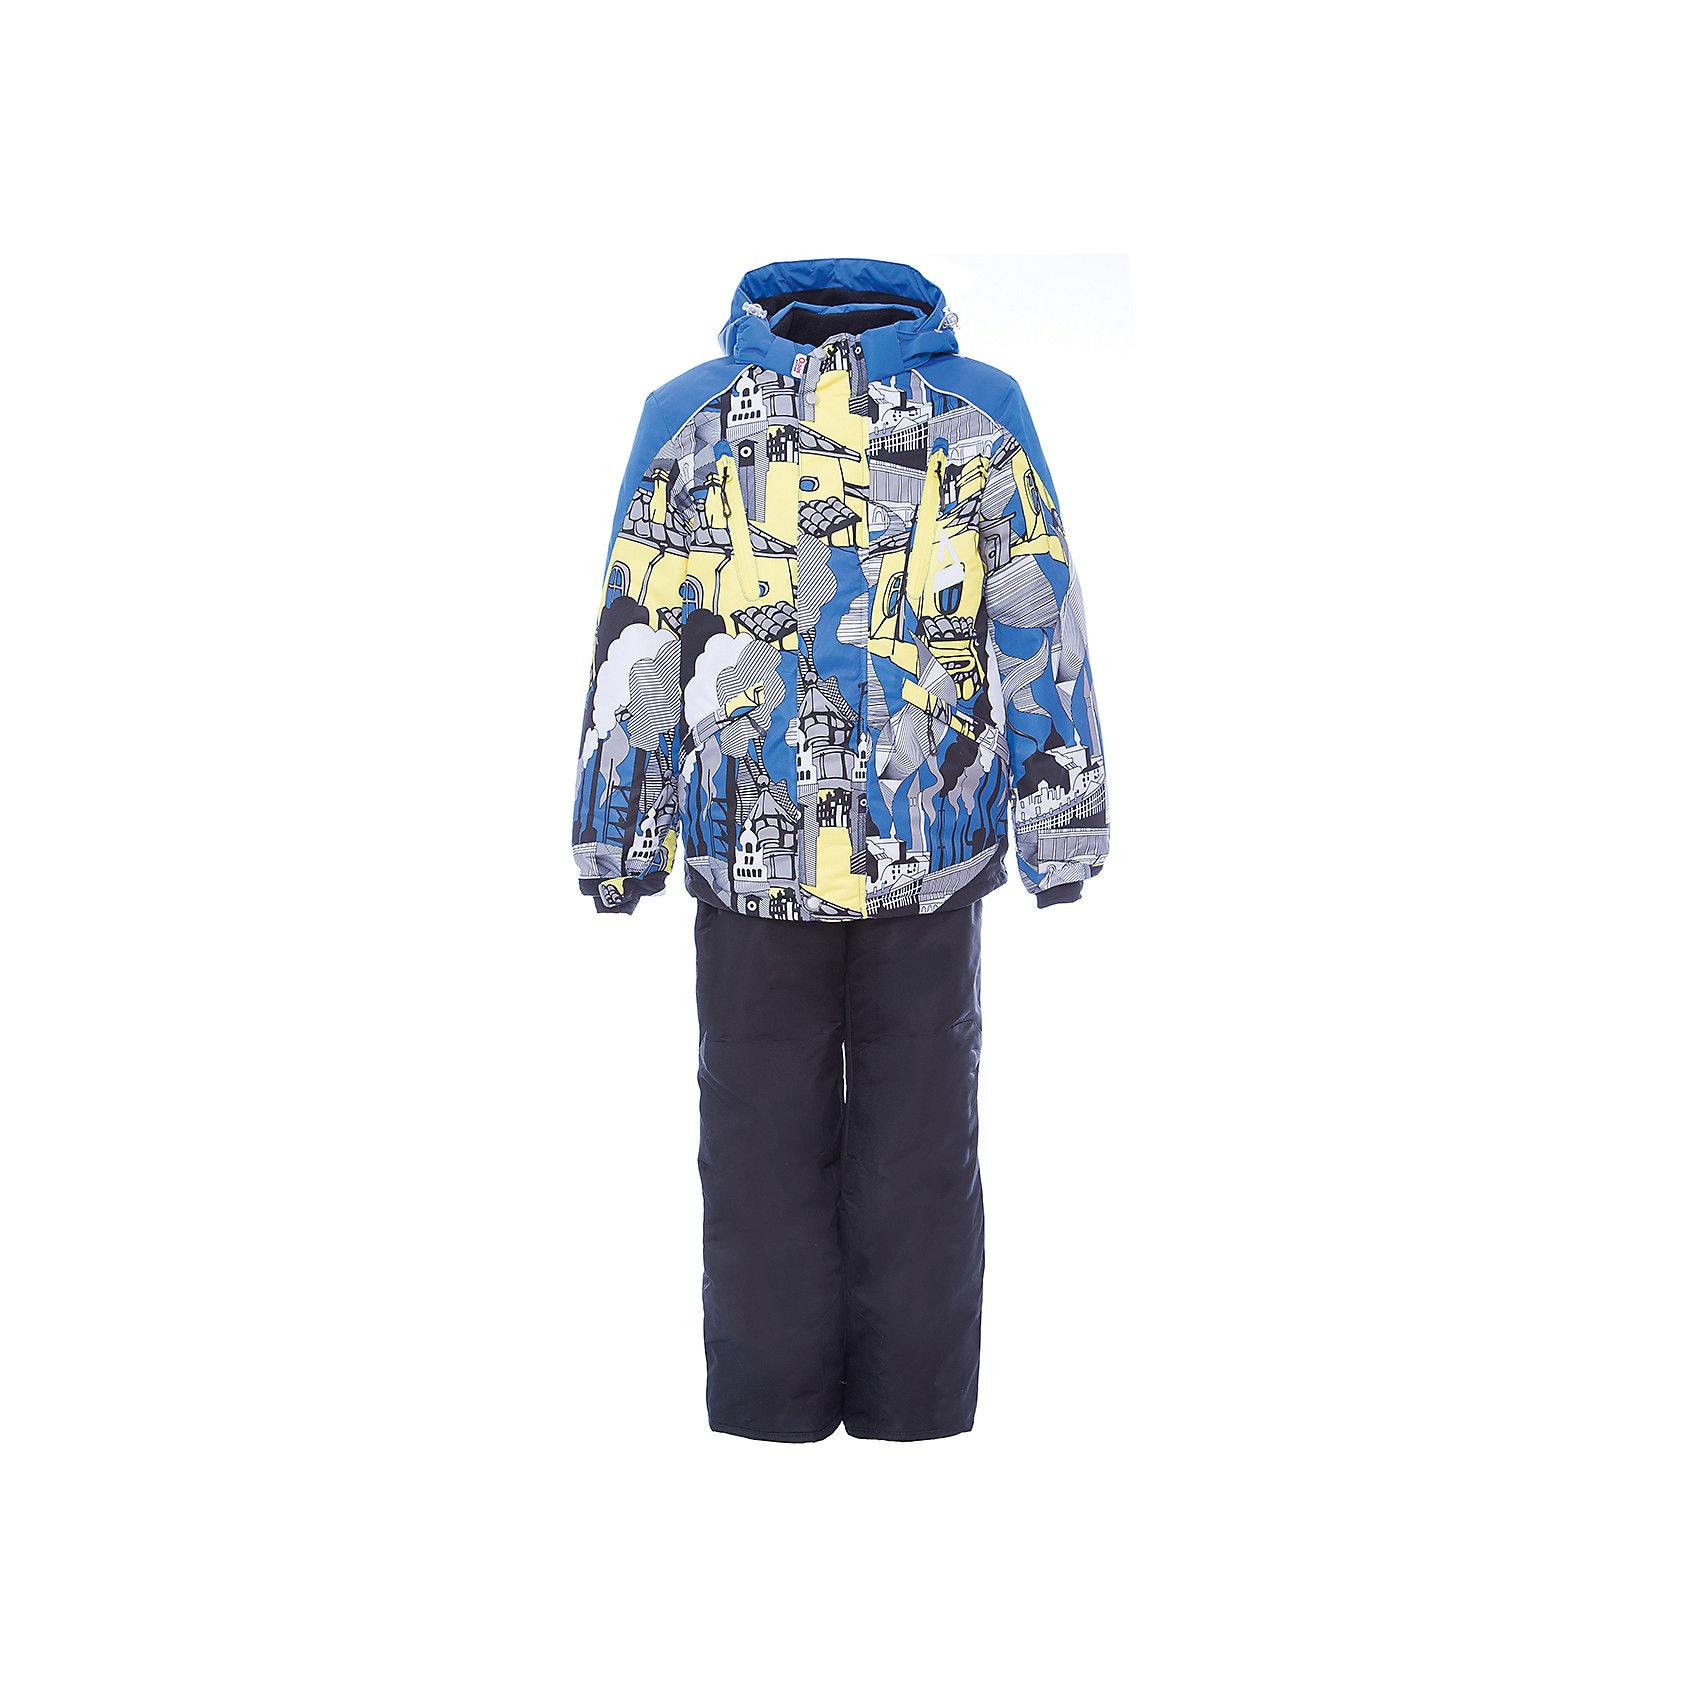 Комплект: куртка и полукомбинезон Даниэль OLDOS для мальчикаВерхняя одежда<br>Характеристики товара:<br><br>• цвет: голубой<br>• комплектация: куртка и полукомбинезон<br>• состав ткани: полиэстер, Teflon<br>• подкладка: флис<br>• утеплитель: Hollofan pro<br>• сезон: зима<br>• мембранное покрытие<br>• температурный режим: от -30 до +5<br>• водонепроницаемость: 5000 мм <br>• паропроницаемость: 5000 г/м2<br>• плотность утеплителя: куртка - 200 г/м2, полукомбинезон - 150 г/м2<br>• застежка: молния<br>• капюшон: без меха, съемный<br>• полукомбинезон усилен износостойкими вставками<br>• страна бренда: Россия<br>• страна изготовитель: Россия<br><br>Яркий мембранный комплект для мальчика дополнен удобными элементами: съемный капюшон с регулировкой объема, воротник-стойка, ветрозащитные планки, снего-ветрозащитная юбка Прочное мембранное покрытие такого детского комплекта - это защита от воды и грязи, износостойкость, за ним легко ухаживать. Теплый зимний комплект от бренда Oldos разработан специально для детей.<br><br>Комплект: куртка и полукомбинезон Даниэль Oldos (Олдос) для мальчика можно купить в нашем интернет-магазине.<br><br>Ширина мм: 356<br>Глубина мм: 10<br>Высота мм: 245<br>Вес г: 519<br>Цвет: голубой<br>Возраст от месяцев: 108<br>Возраст до месяцев: 120<br>Пол: Мужской<br>Возраст: Детский<br>Размер: 140,92,98,104,110,116,122,128,134<br>SKU: 7016083